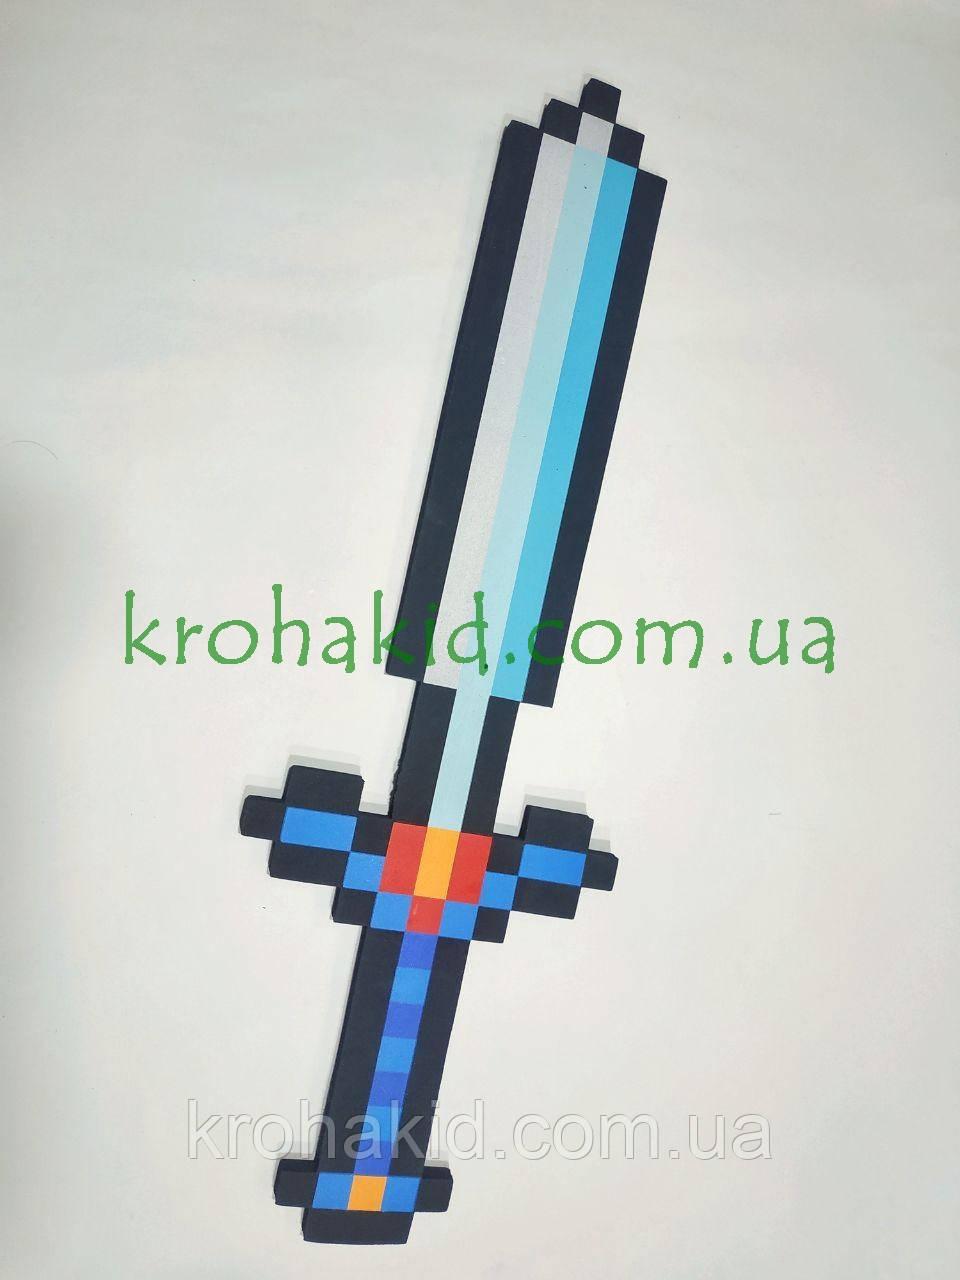 Детская игрушка Меч Майнкрафт из EVA пены 60 см. / мягкий Меч Minecraft для сражений